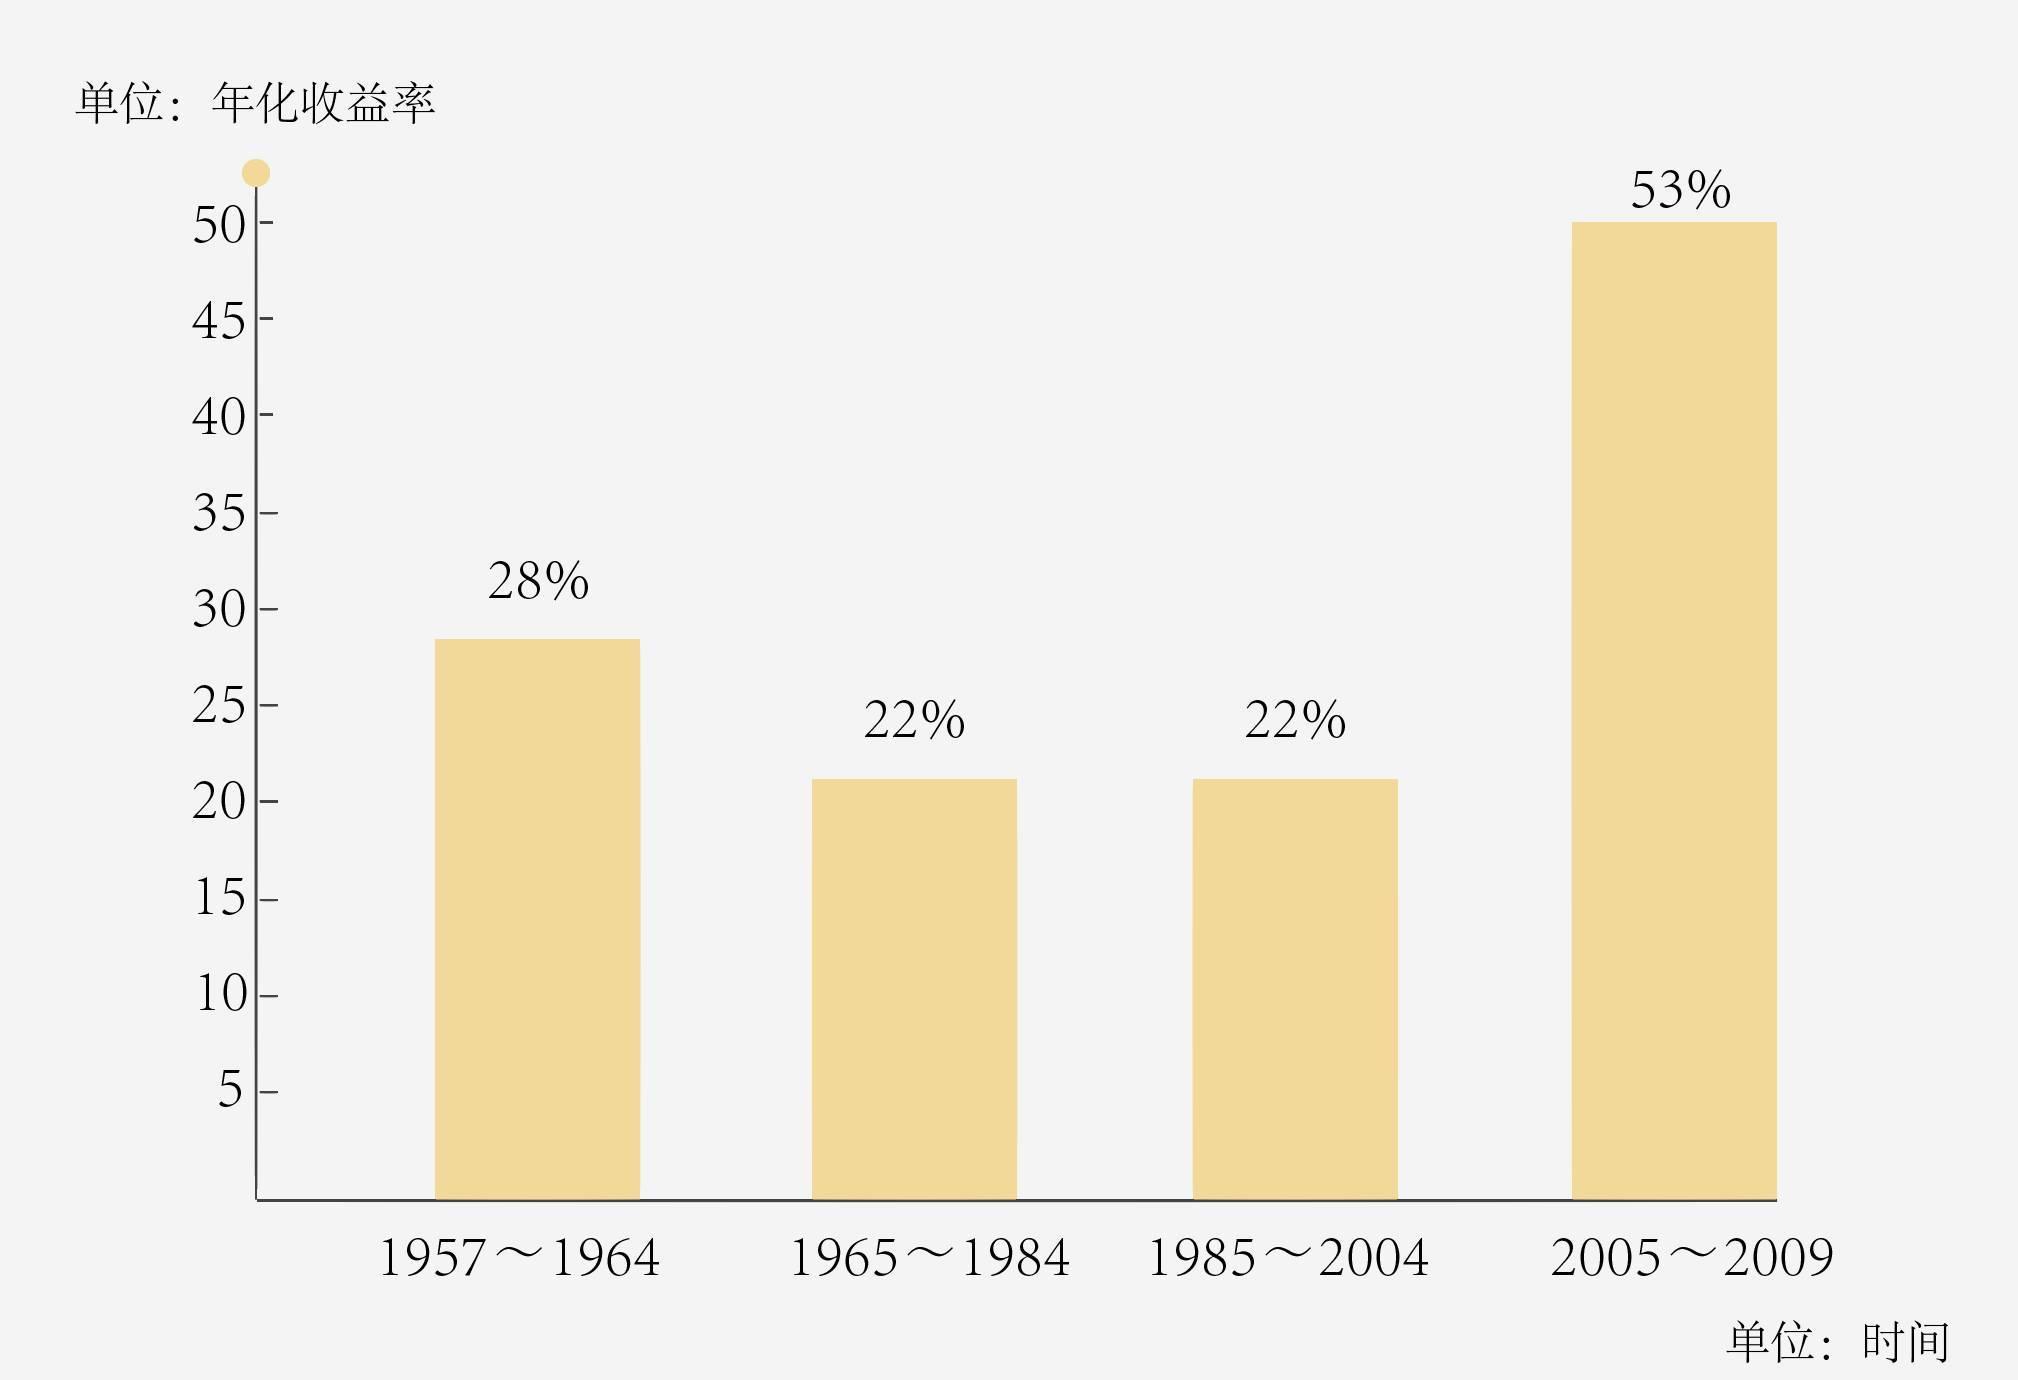 童大焕:剧变时代的大财富机会